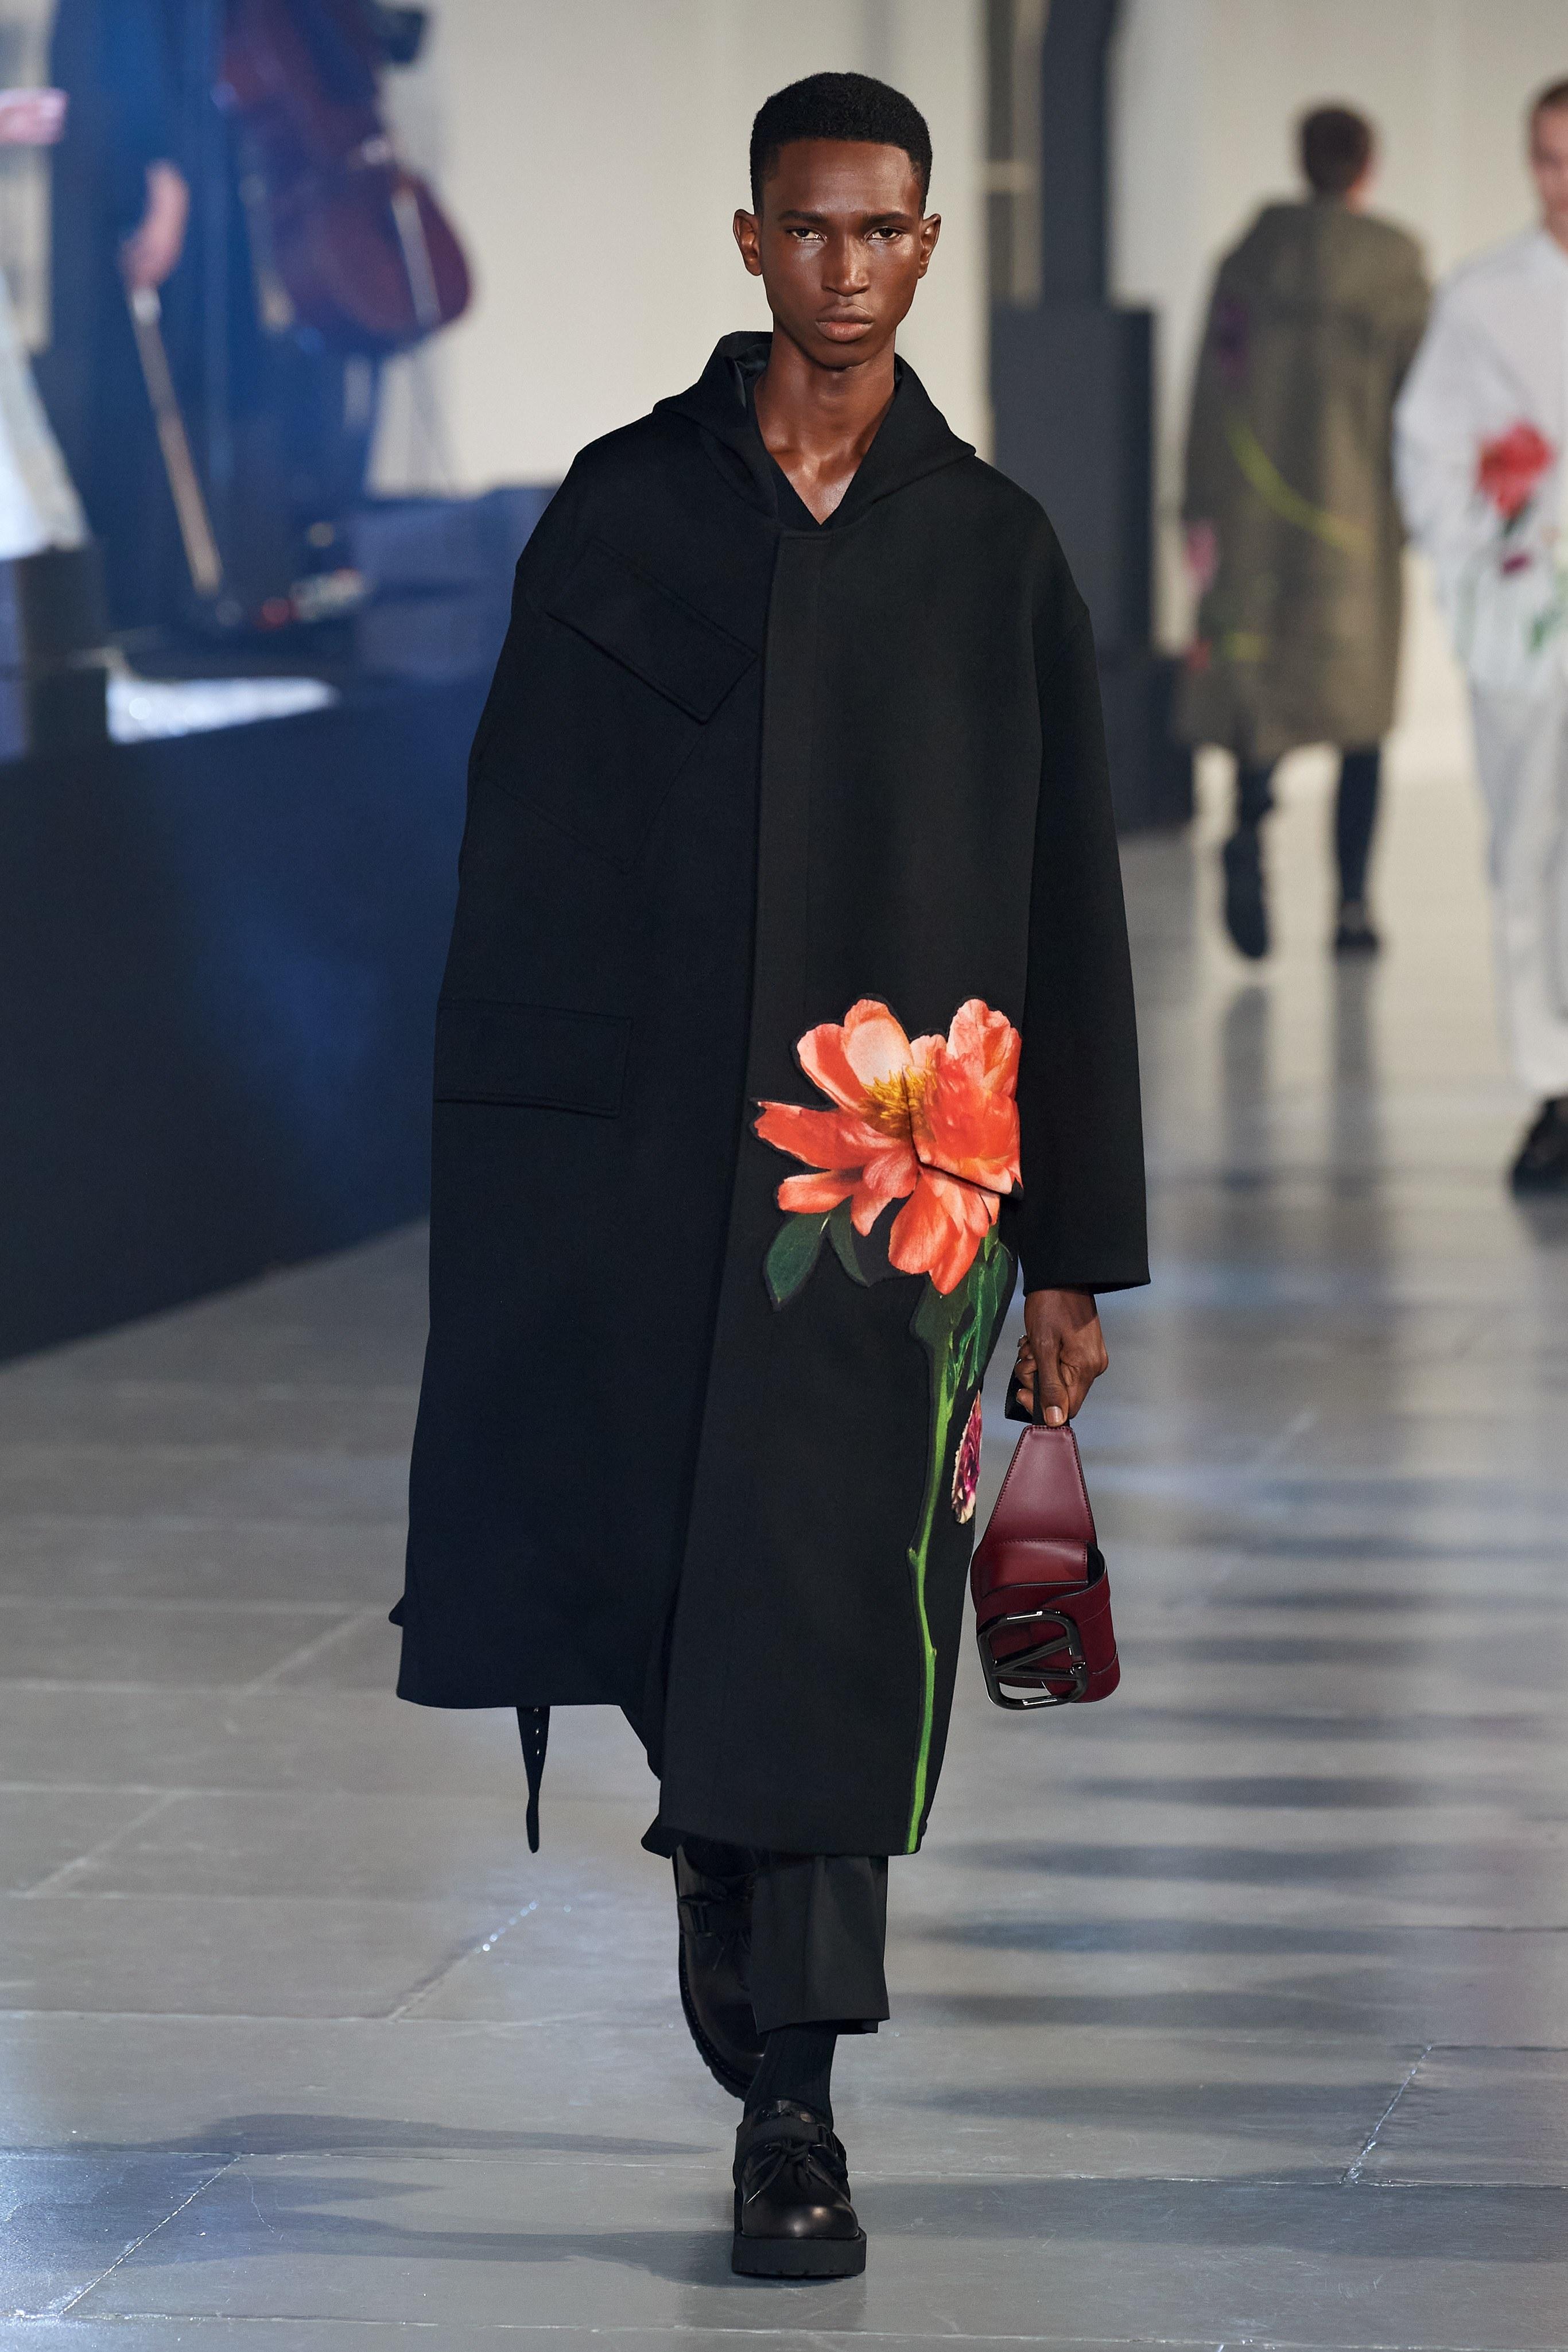 Valentino khang dinh dang cap, xoa mo dinh kien qua nhung nhanh hoa hinh anh 4 VL3.jpg